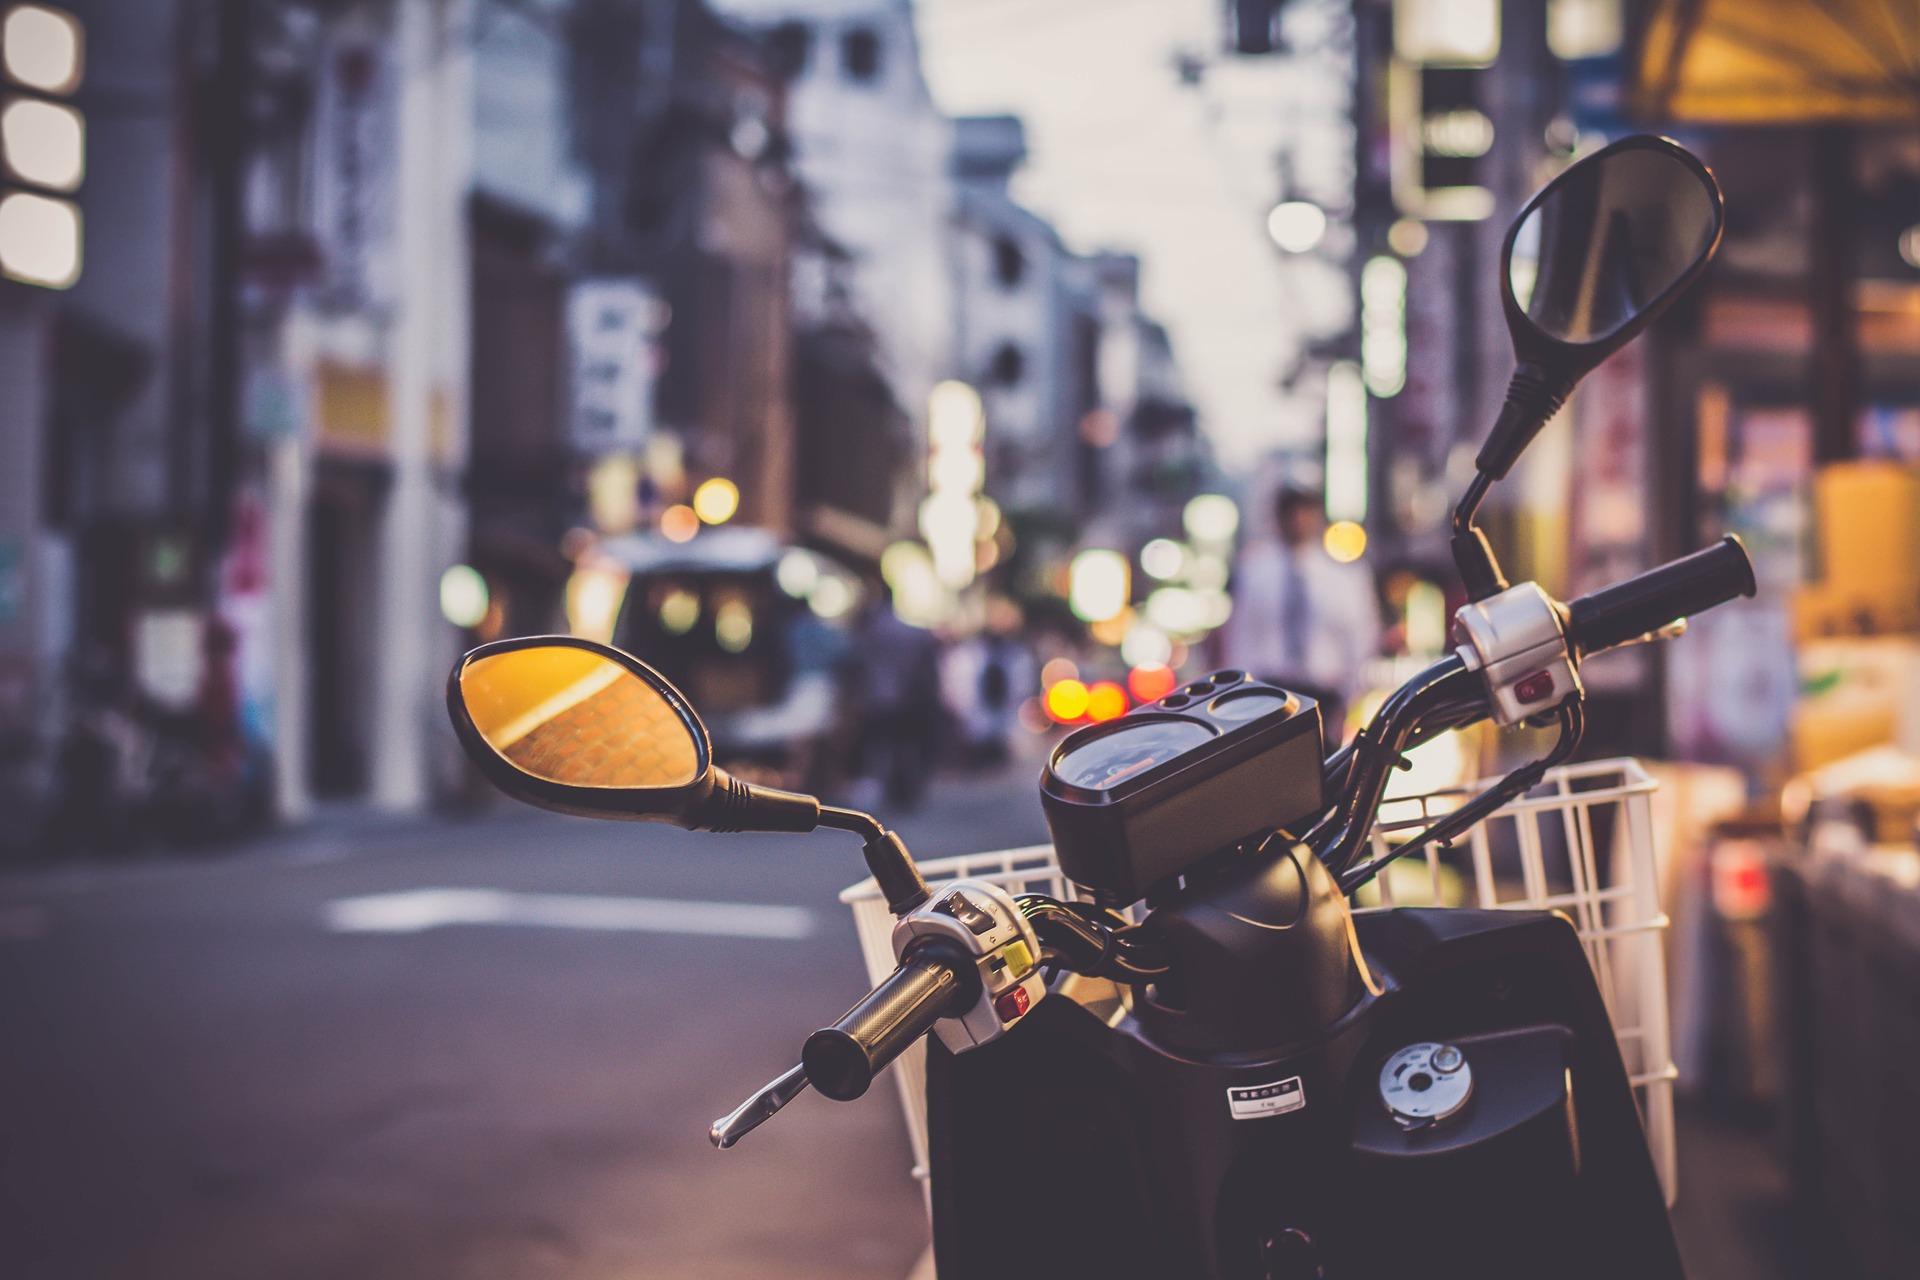 Als je geen geld hebt voor een nieuwe scooter, kun je er ook een leasen.